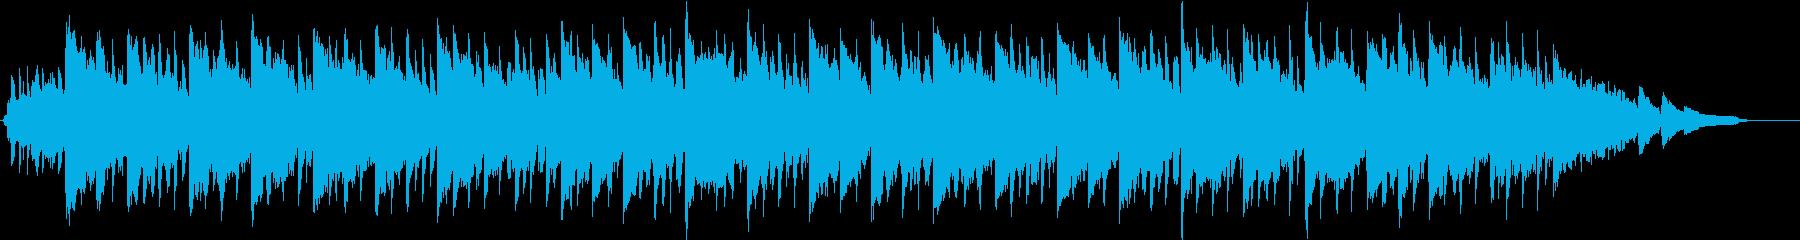 幻想的なハイブリッドエレクトロサウンドの再生済みの波形